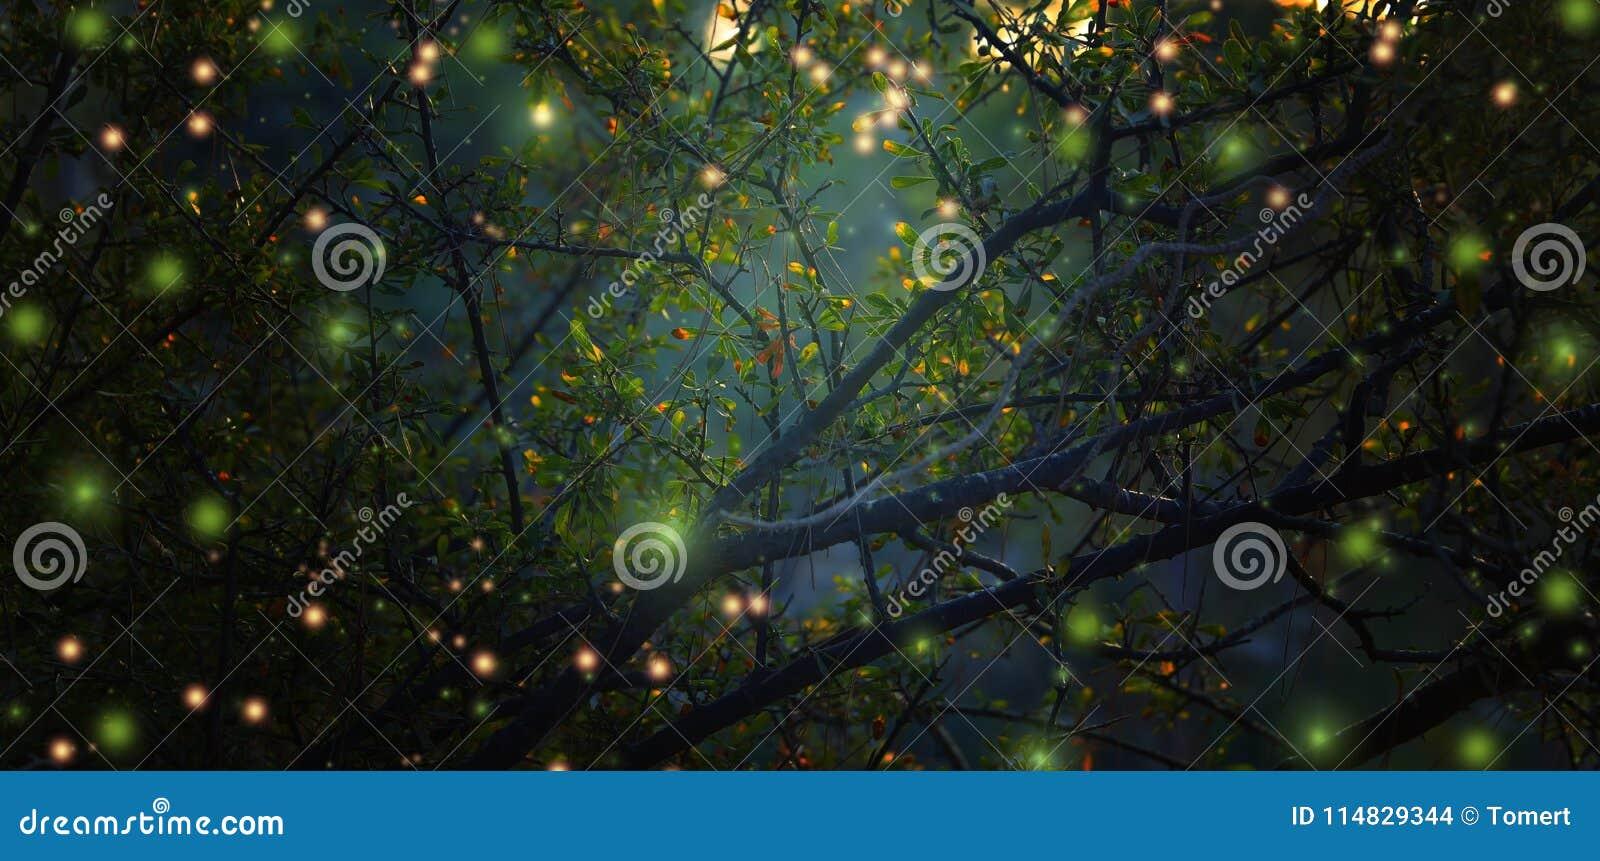 Imagem abstrata e mágica do voo do vaga-lume na floresta da noite